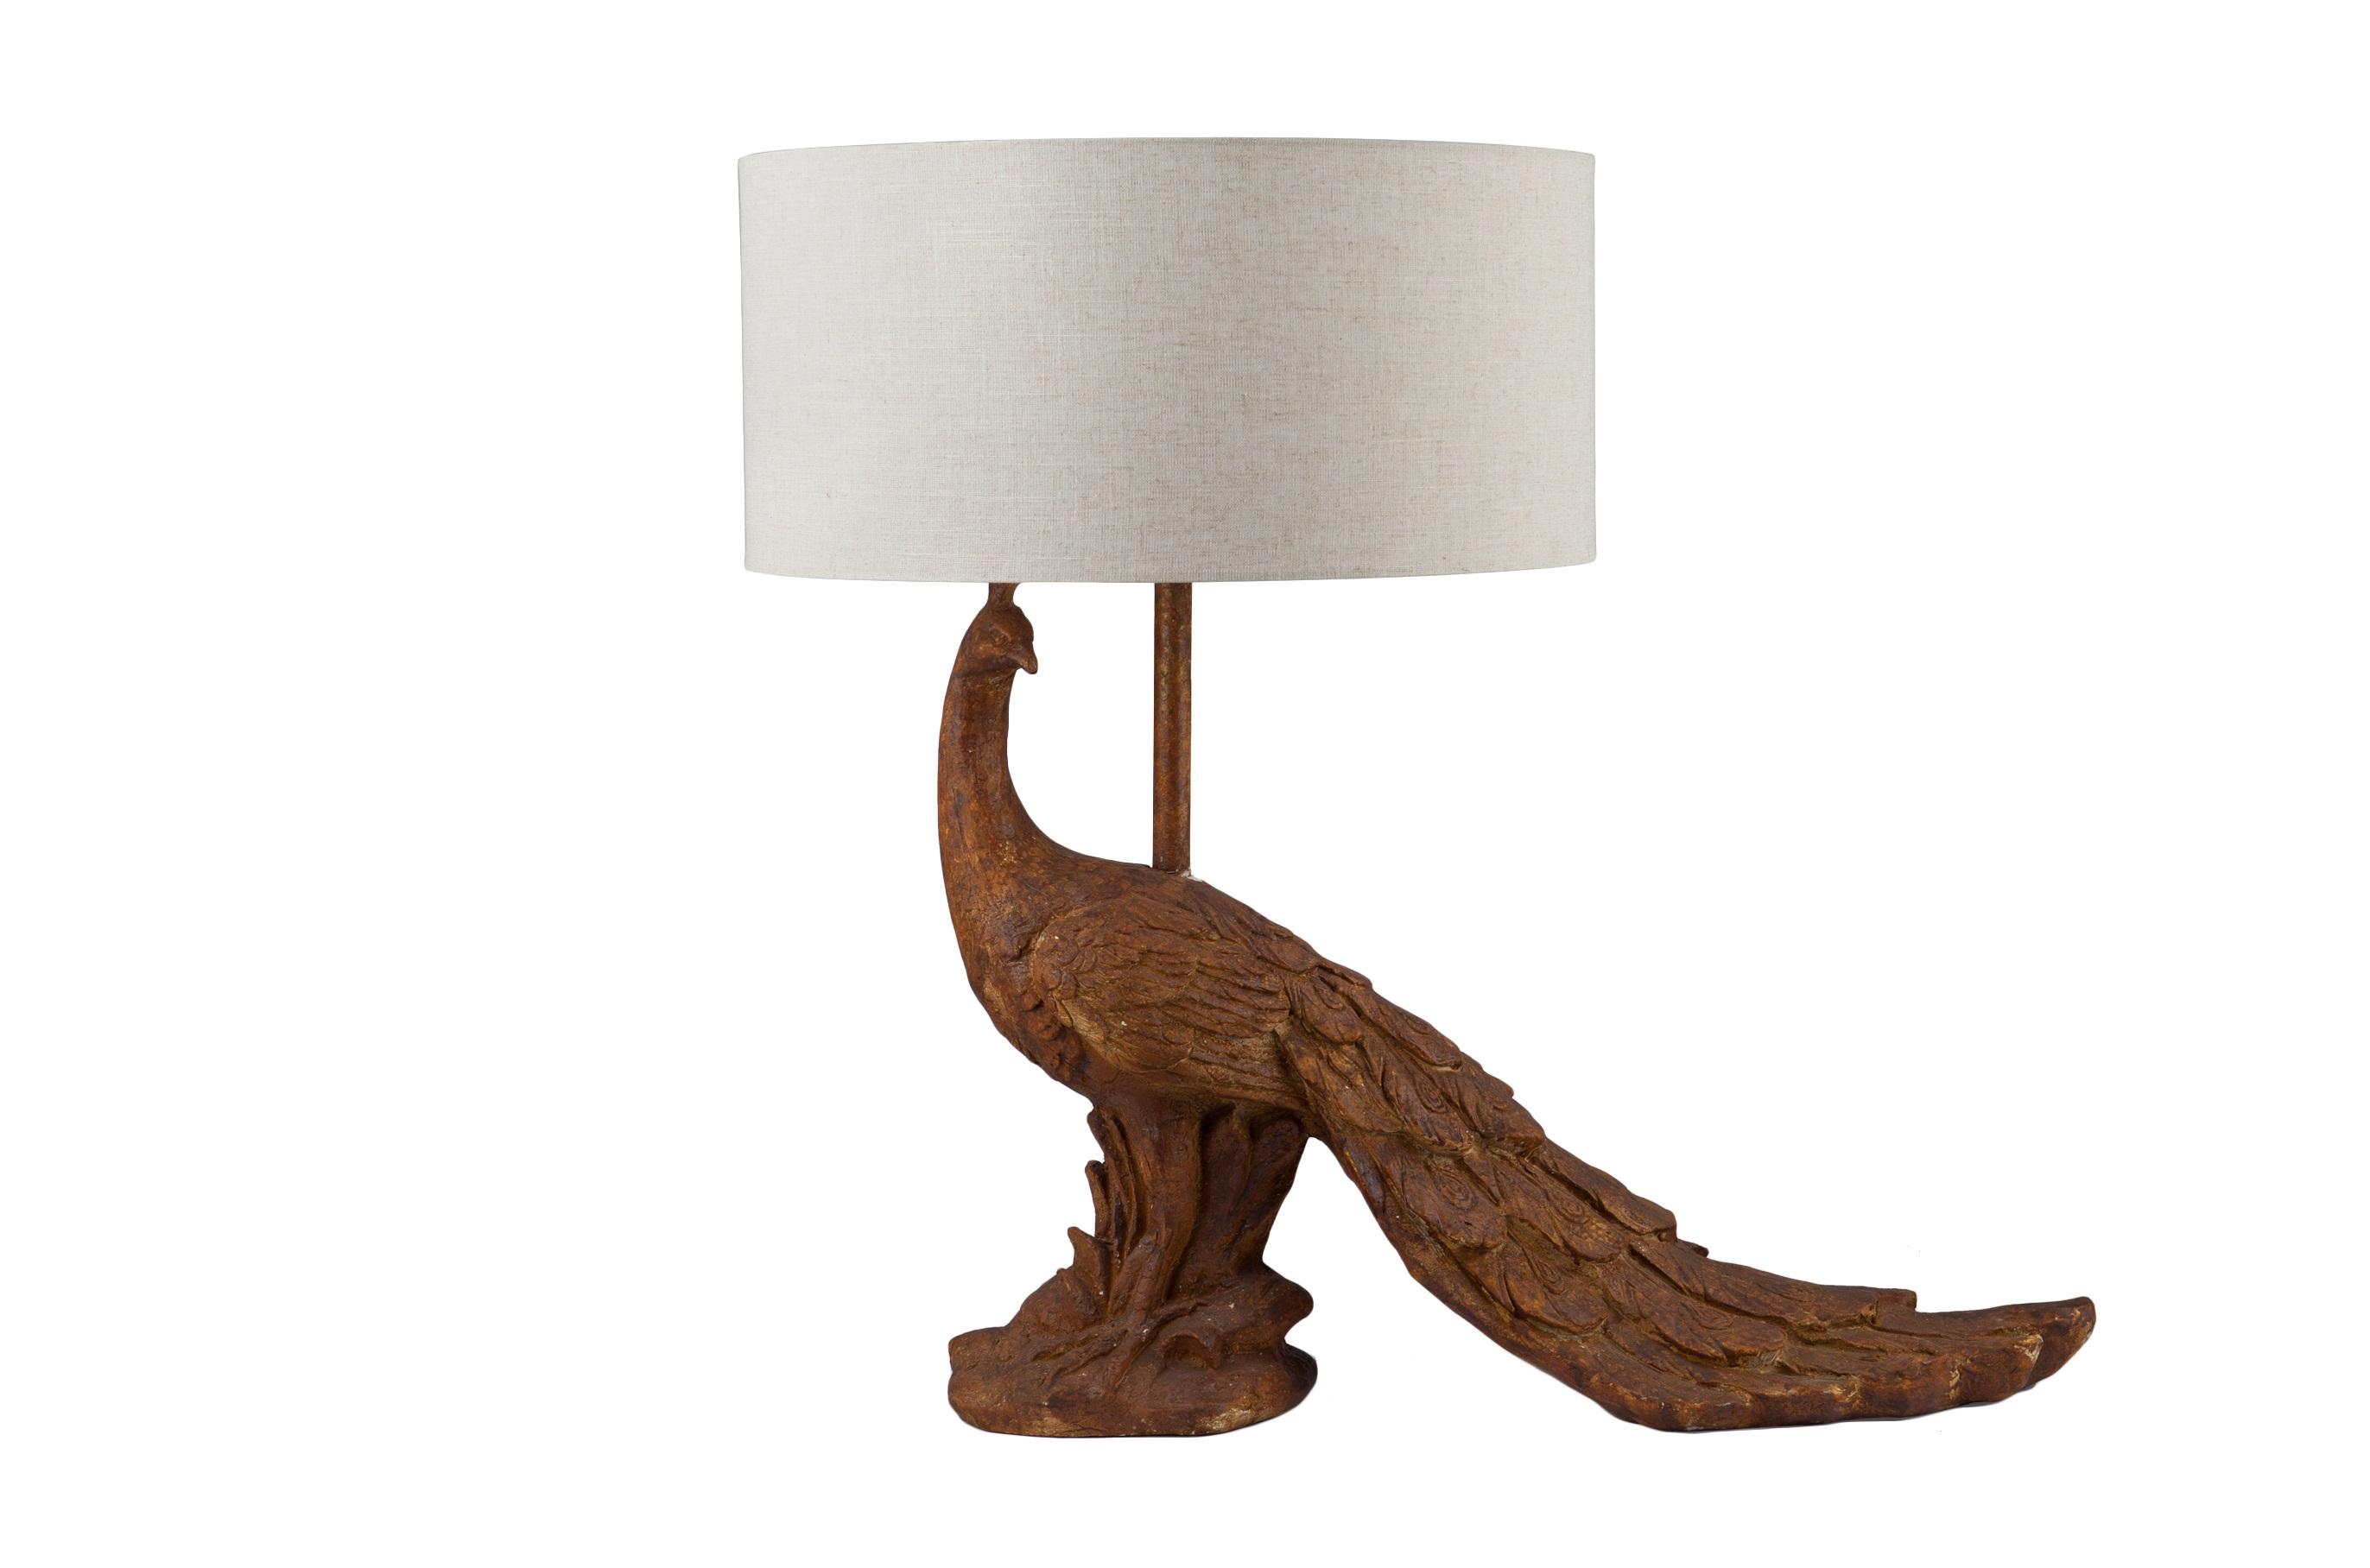 Лампа «Павлин»Декоративные лампы<br>Лампа настольная на декоративной ножке в виде павлина.<br><br>Material: Металл